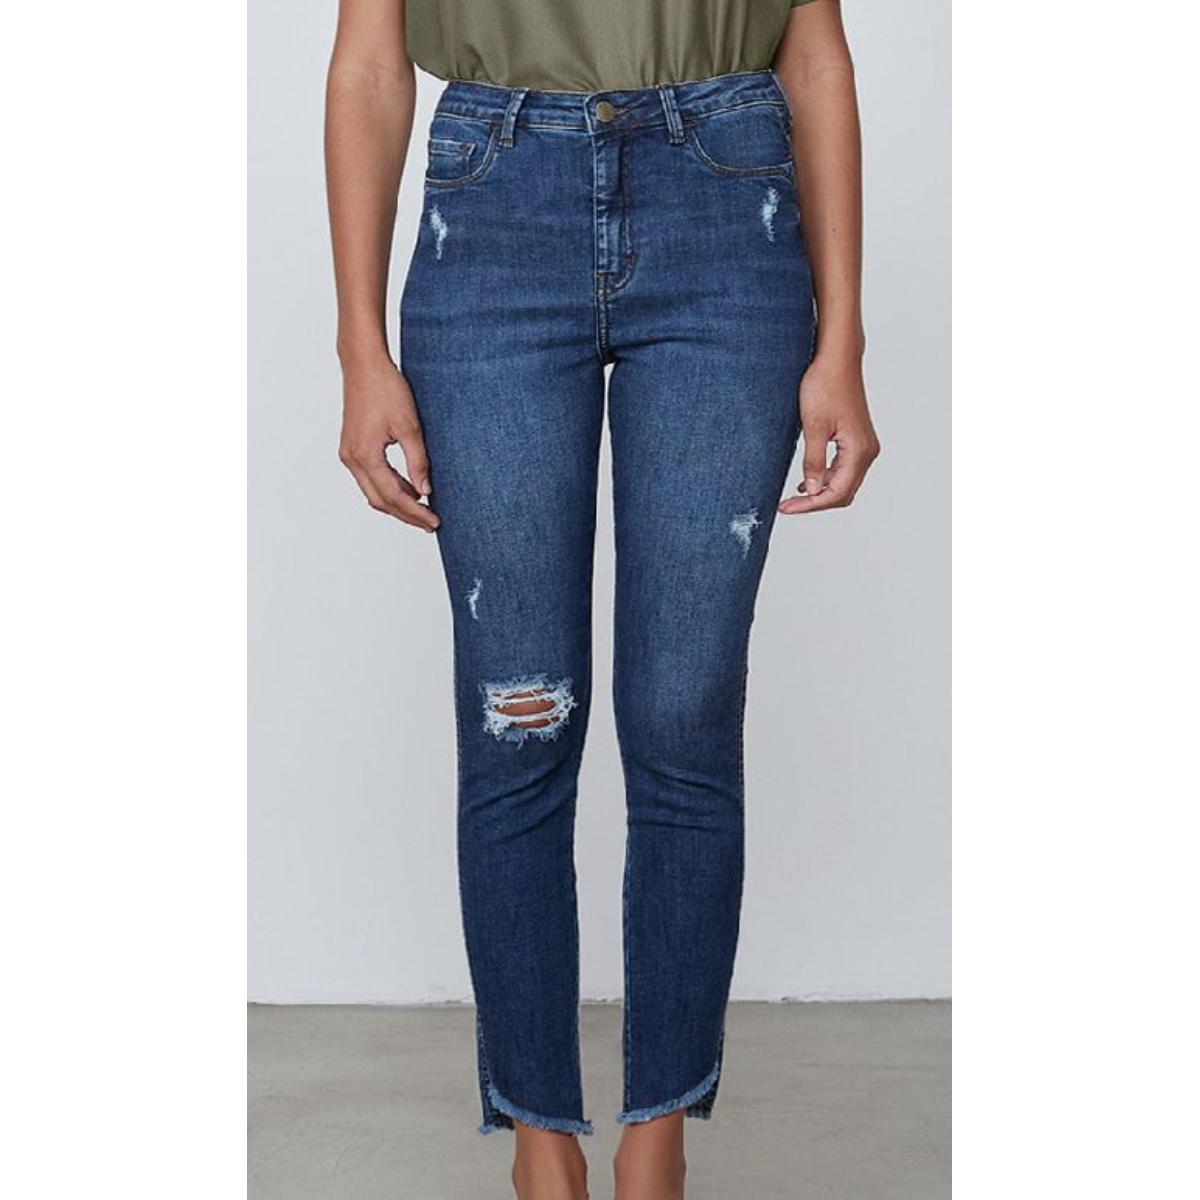 Calça Feminina Dzarm Zu7d 1asn  Jeans Escuro